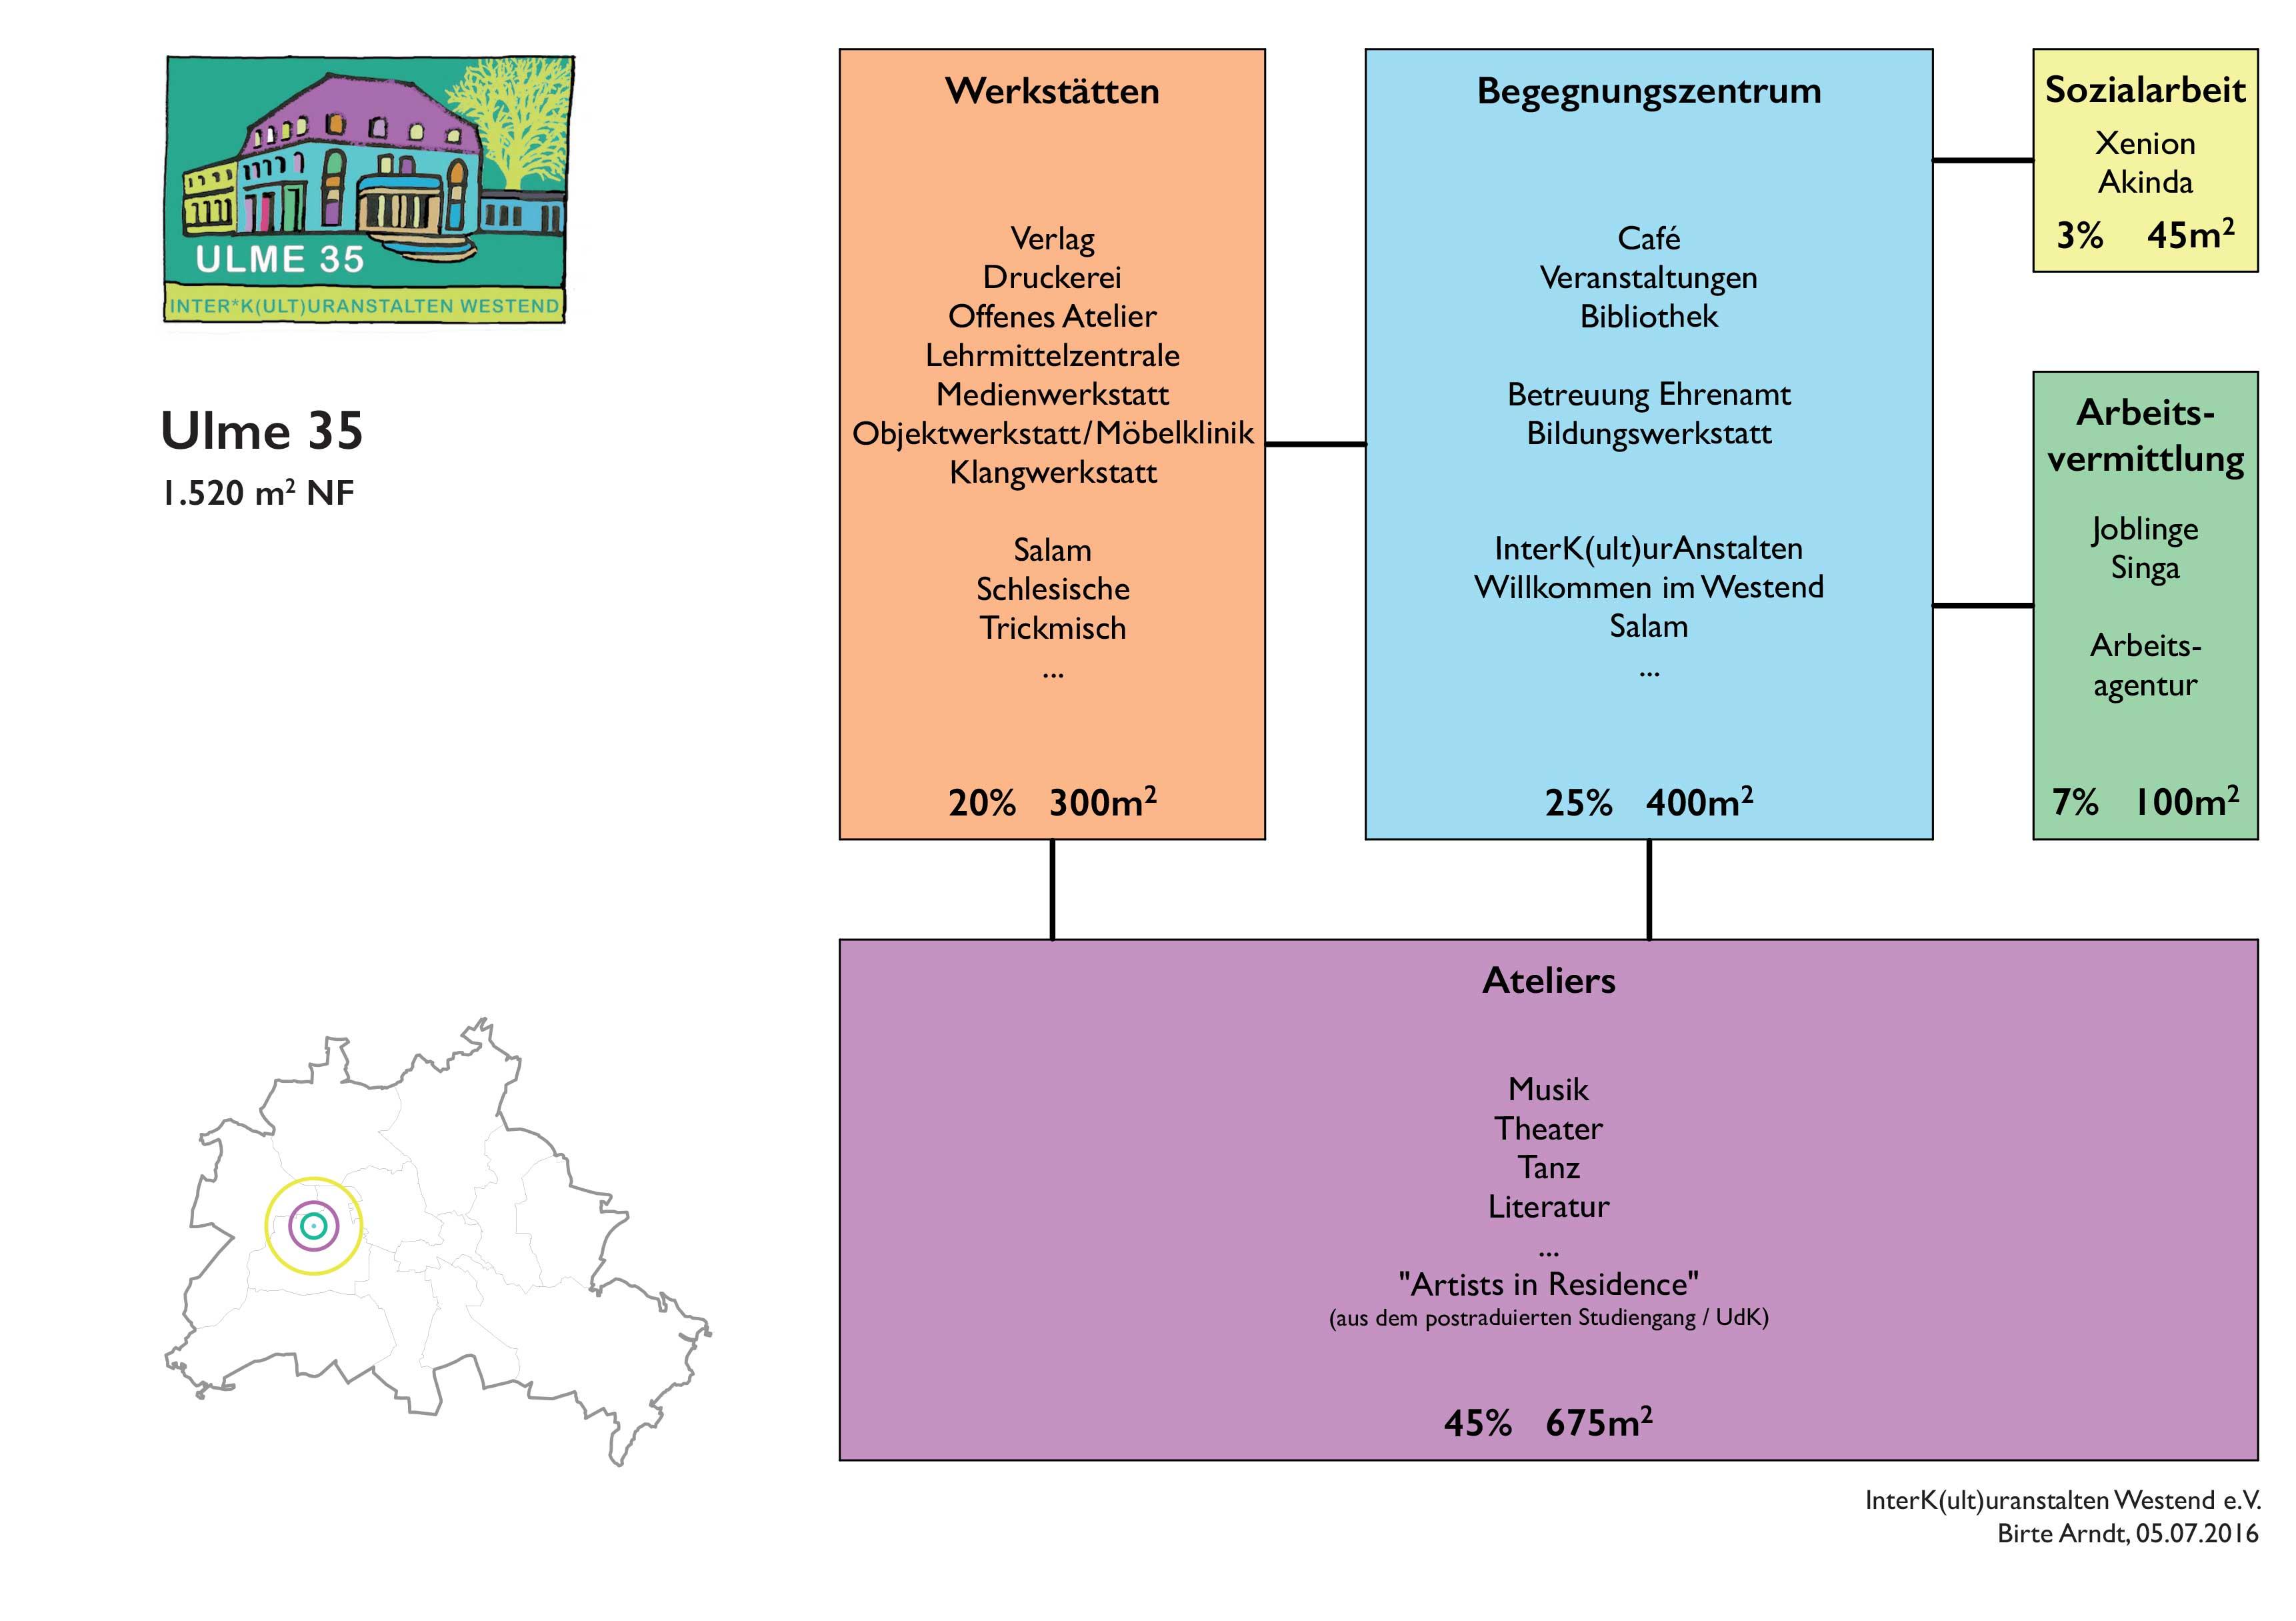 grafische Darstellung des Nutzungsmix der Ulme 35